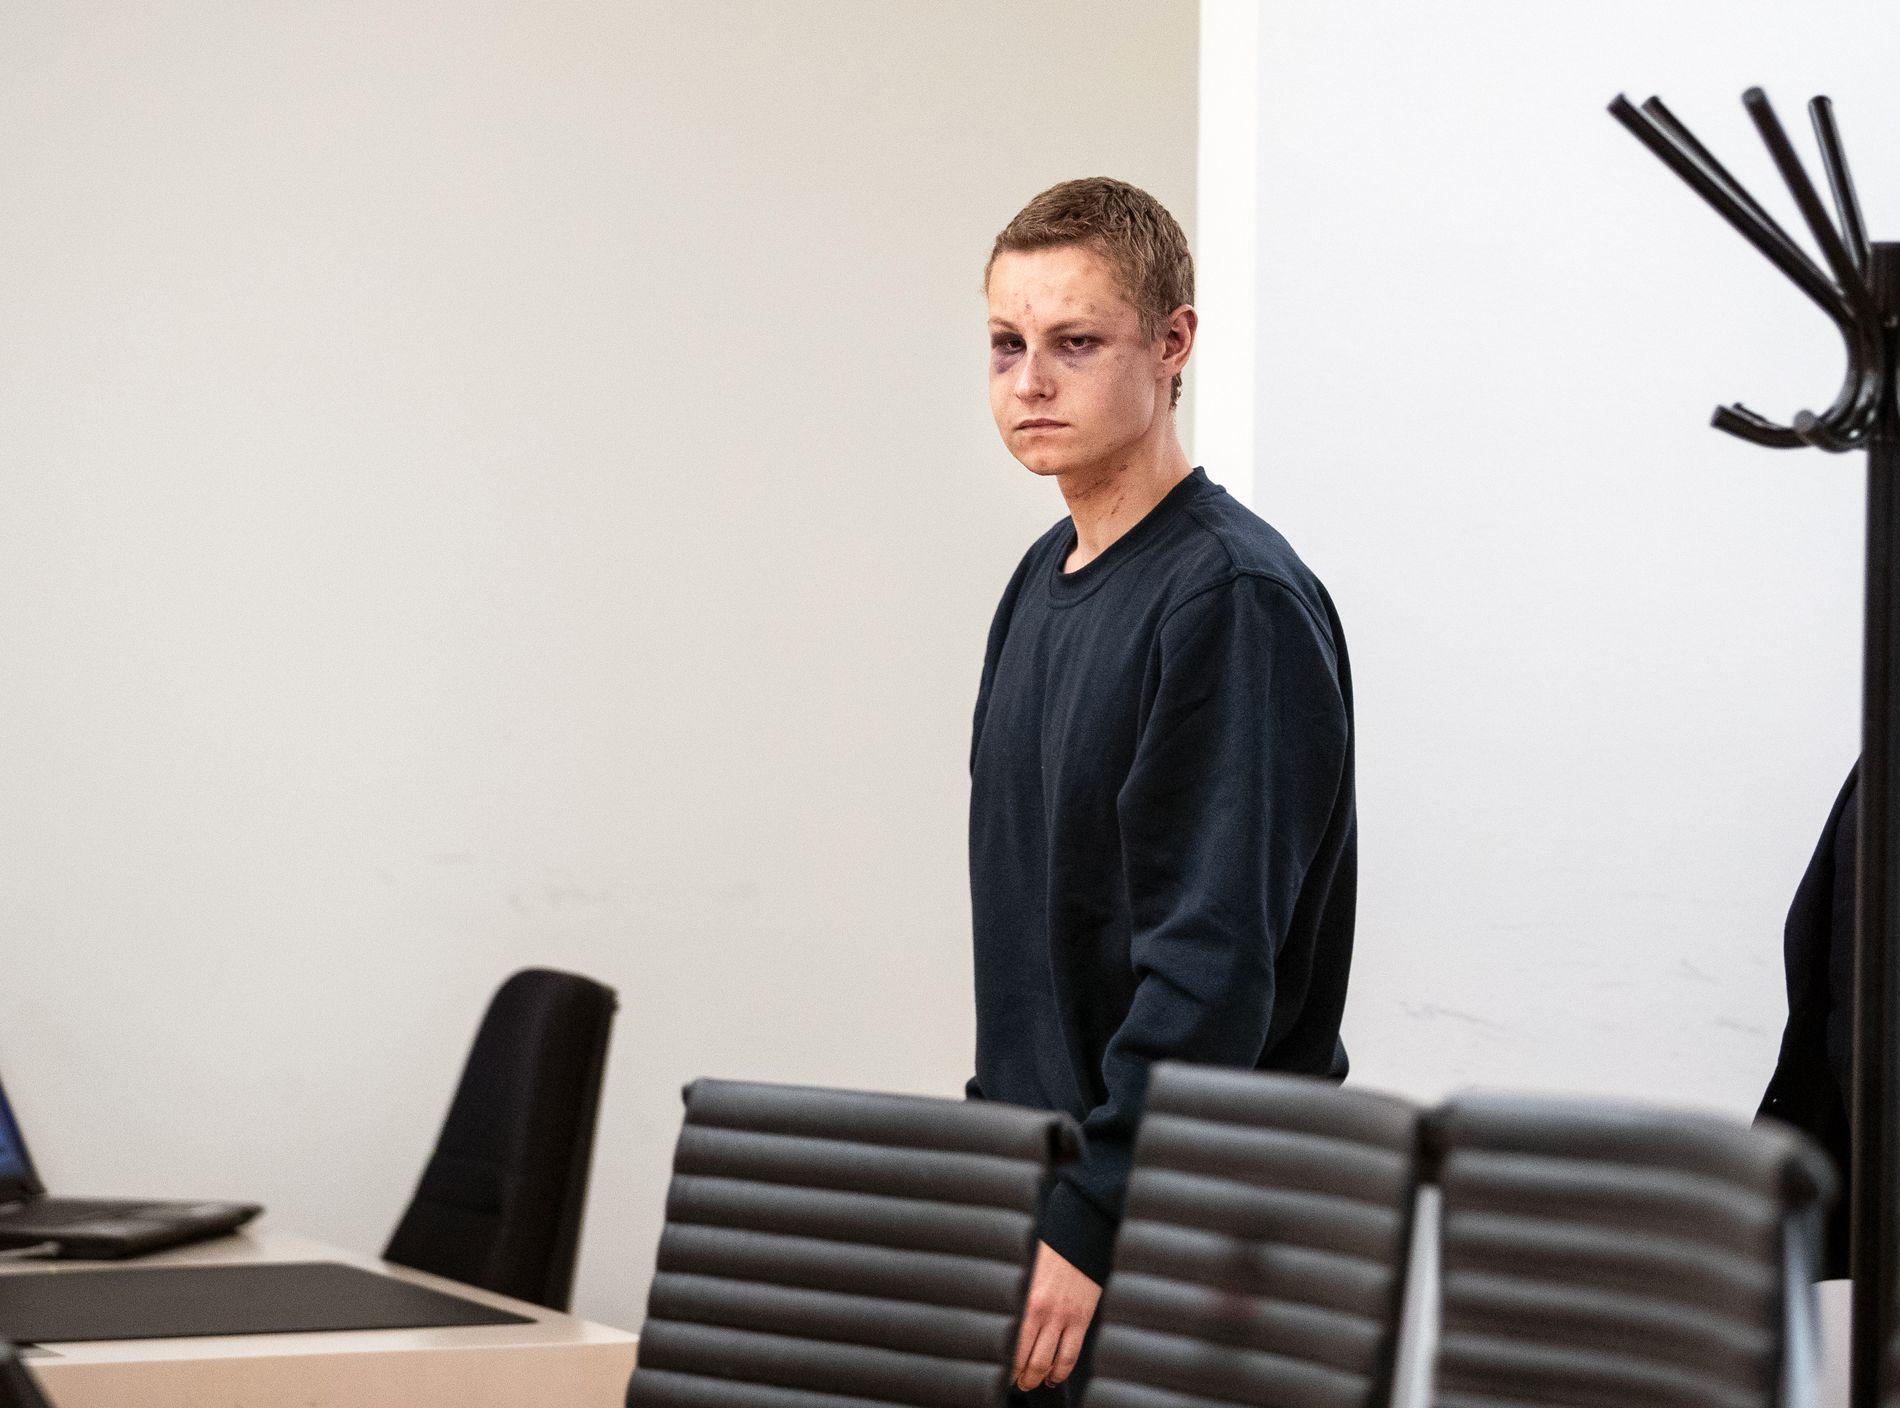 FENGSLET: Oslo tingrett avgjorde mandag at terrorsiktede Philip Manshaus (21) skal varetektsfengsles i fire uker.